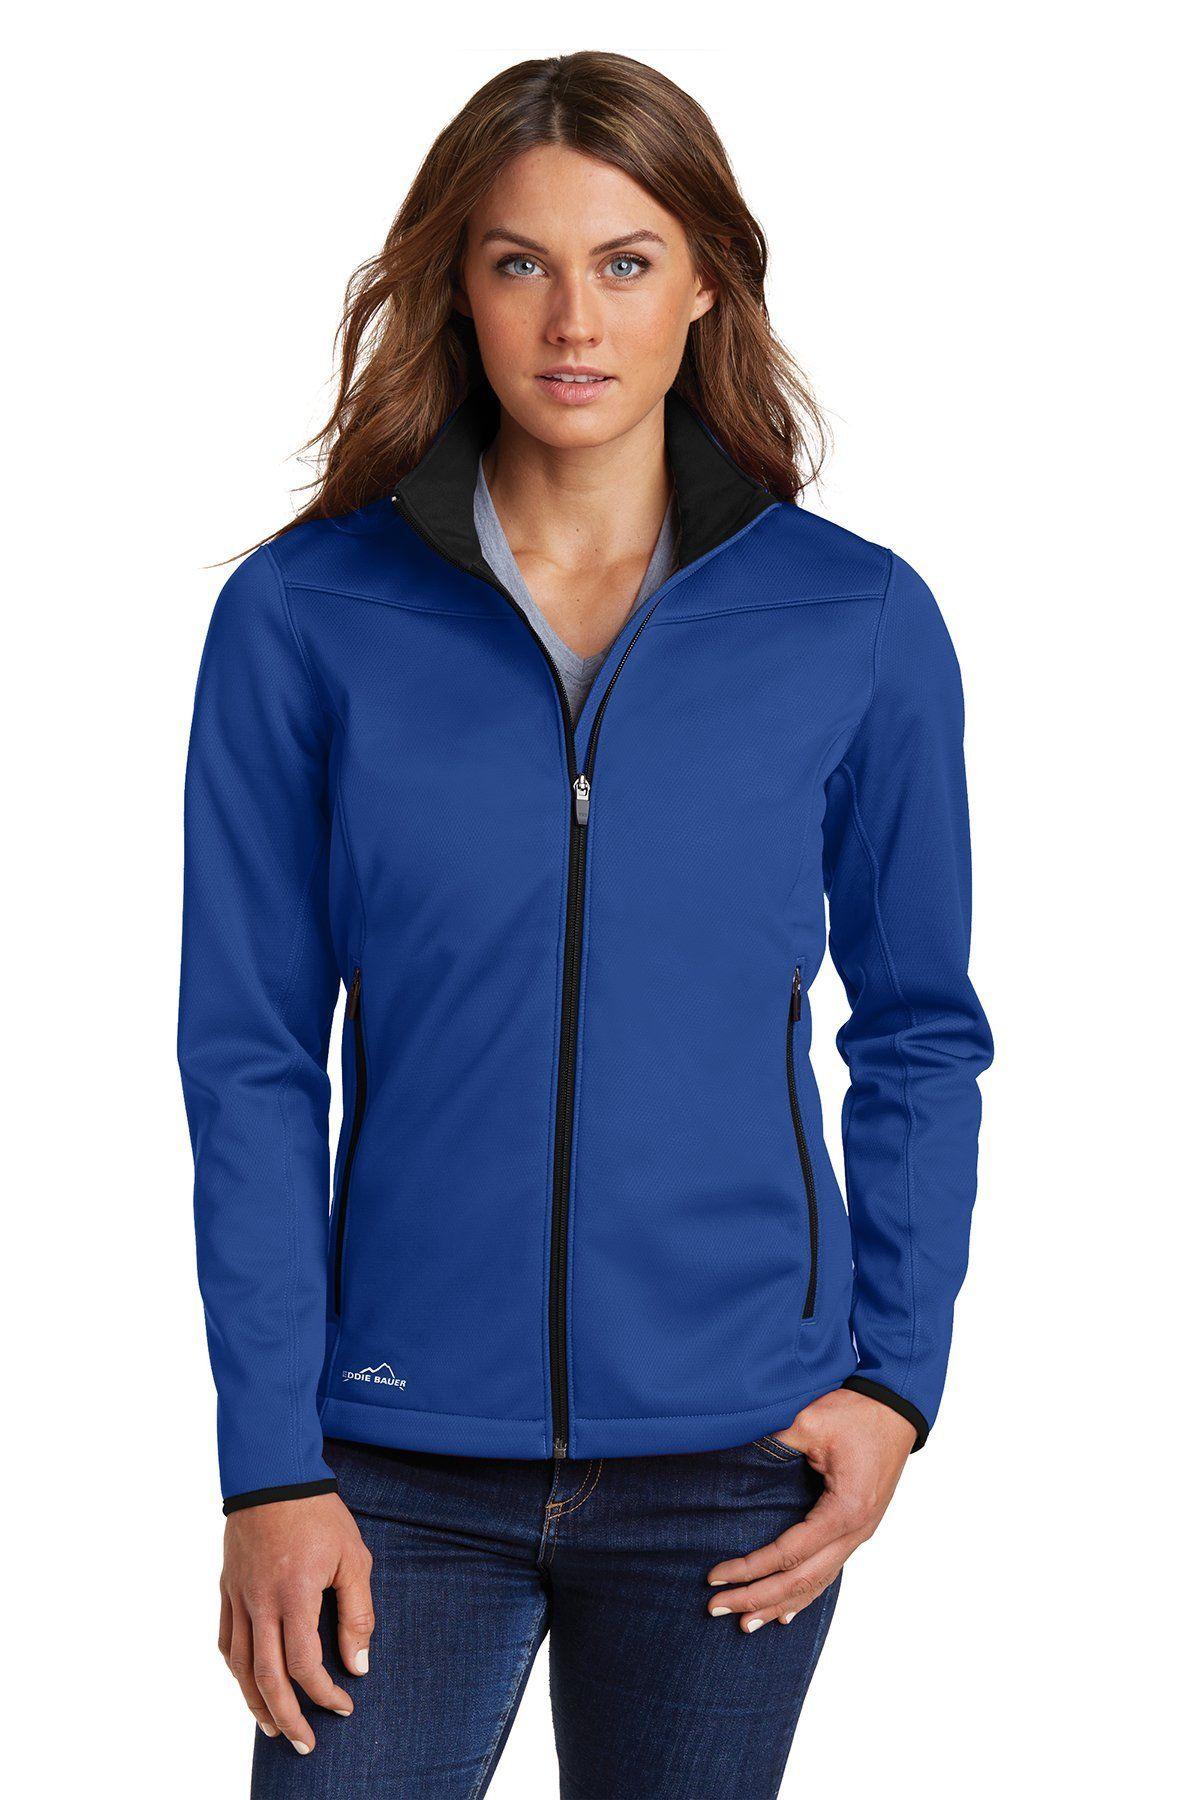 Eddie Bauer Ladies WeatherResist Soft Shell Jacket EB539